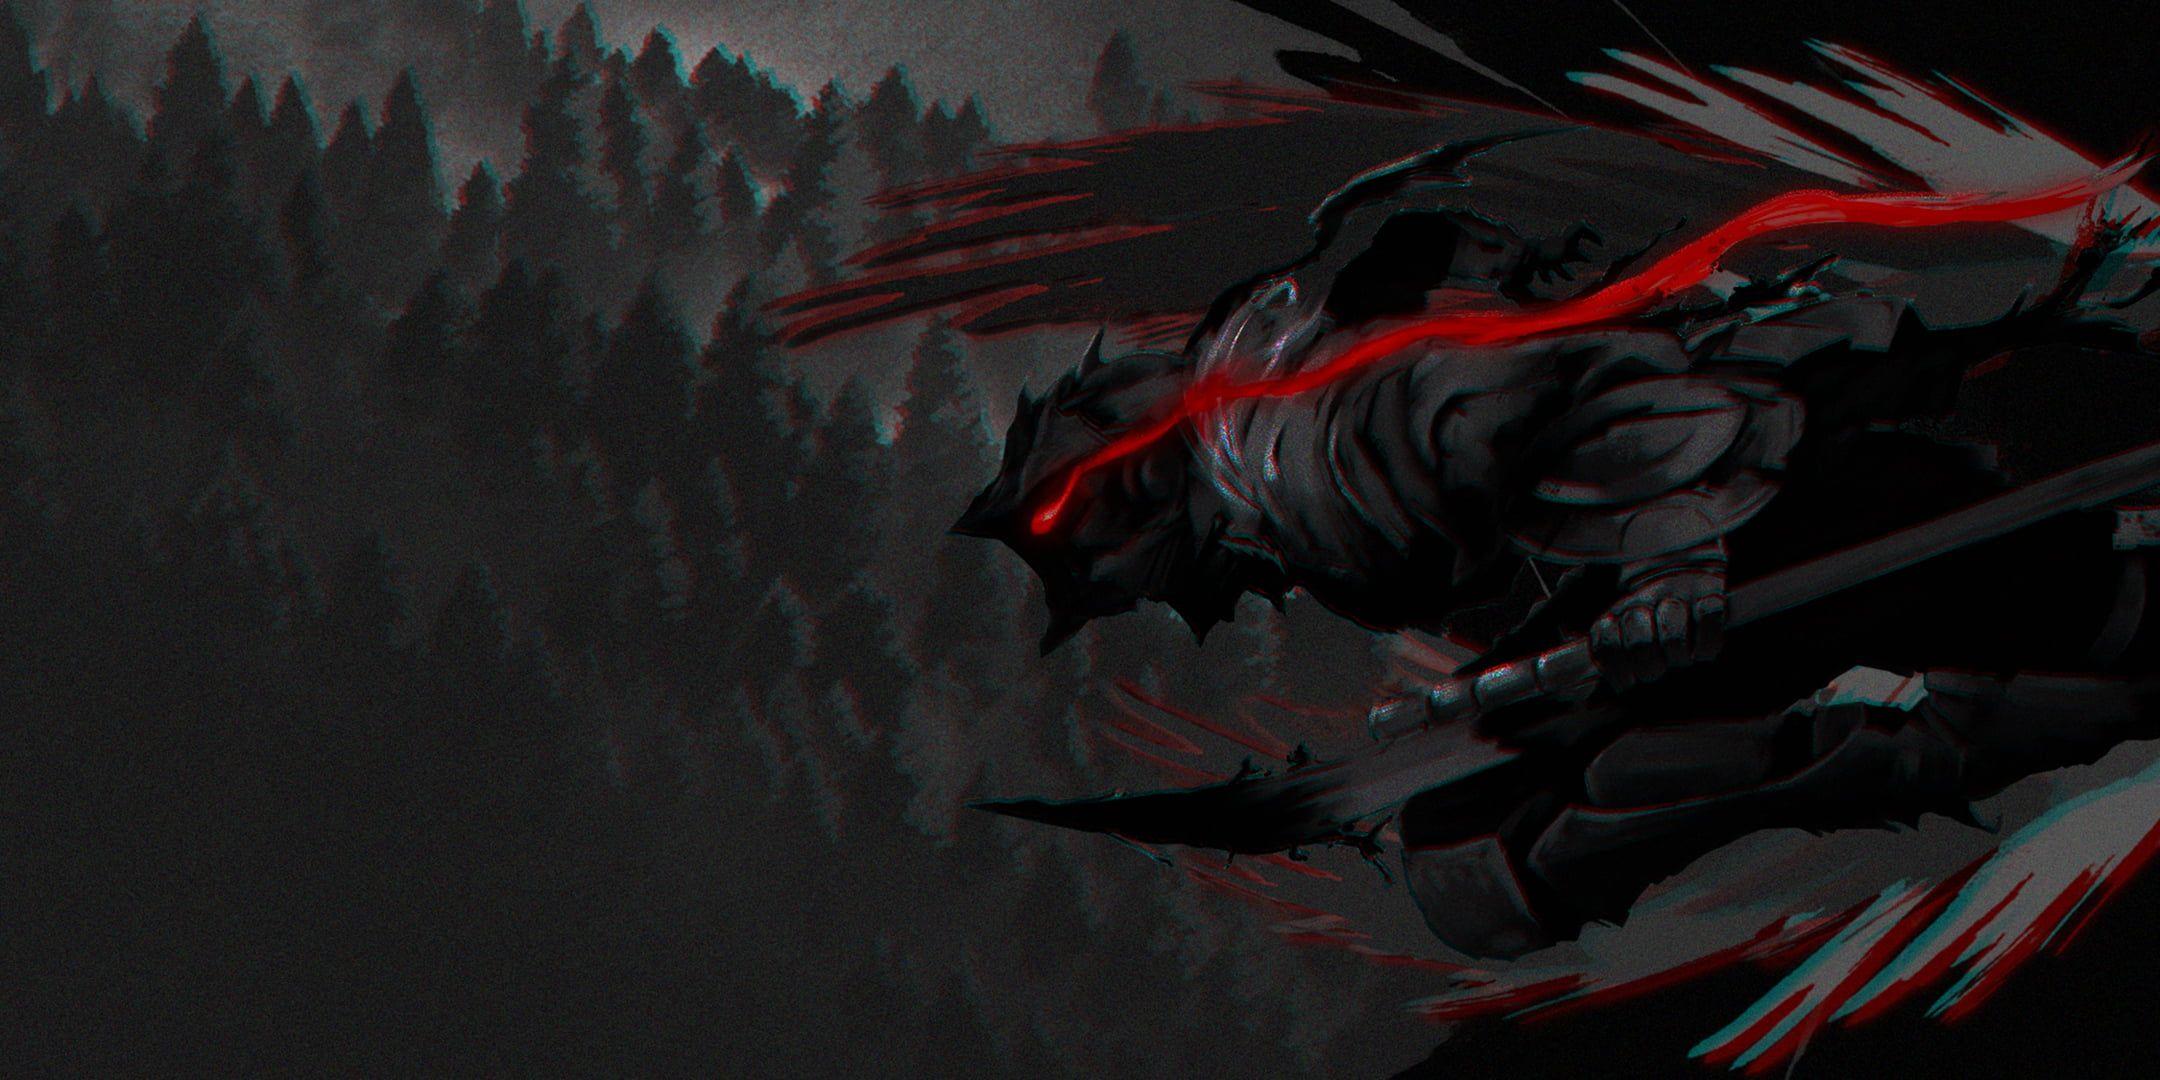 Anime Goblin Slayer 1080p Wallpaper Hdwallpaper Desktop In 2020 Goblin Slayer Hd Wallpaper